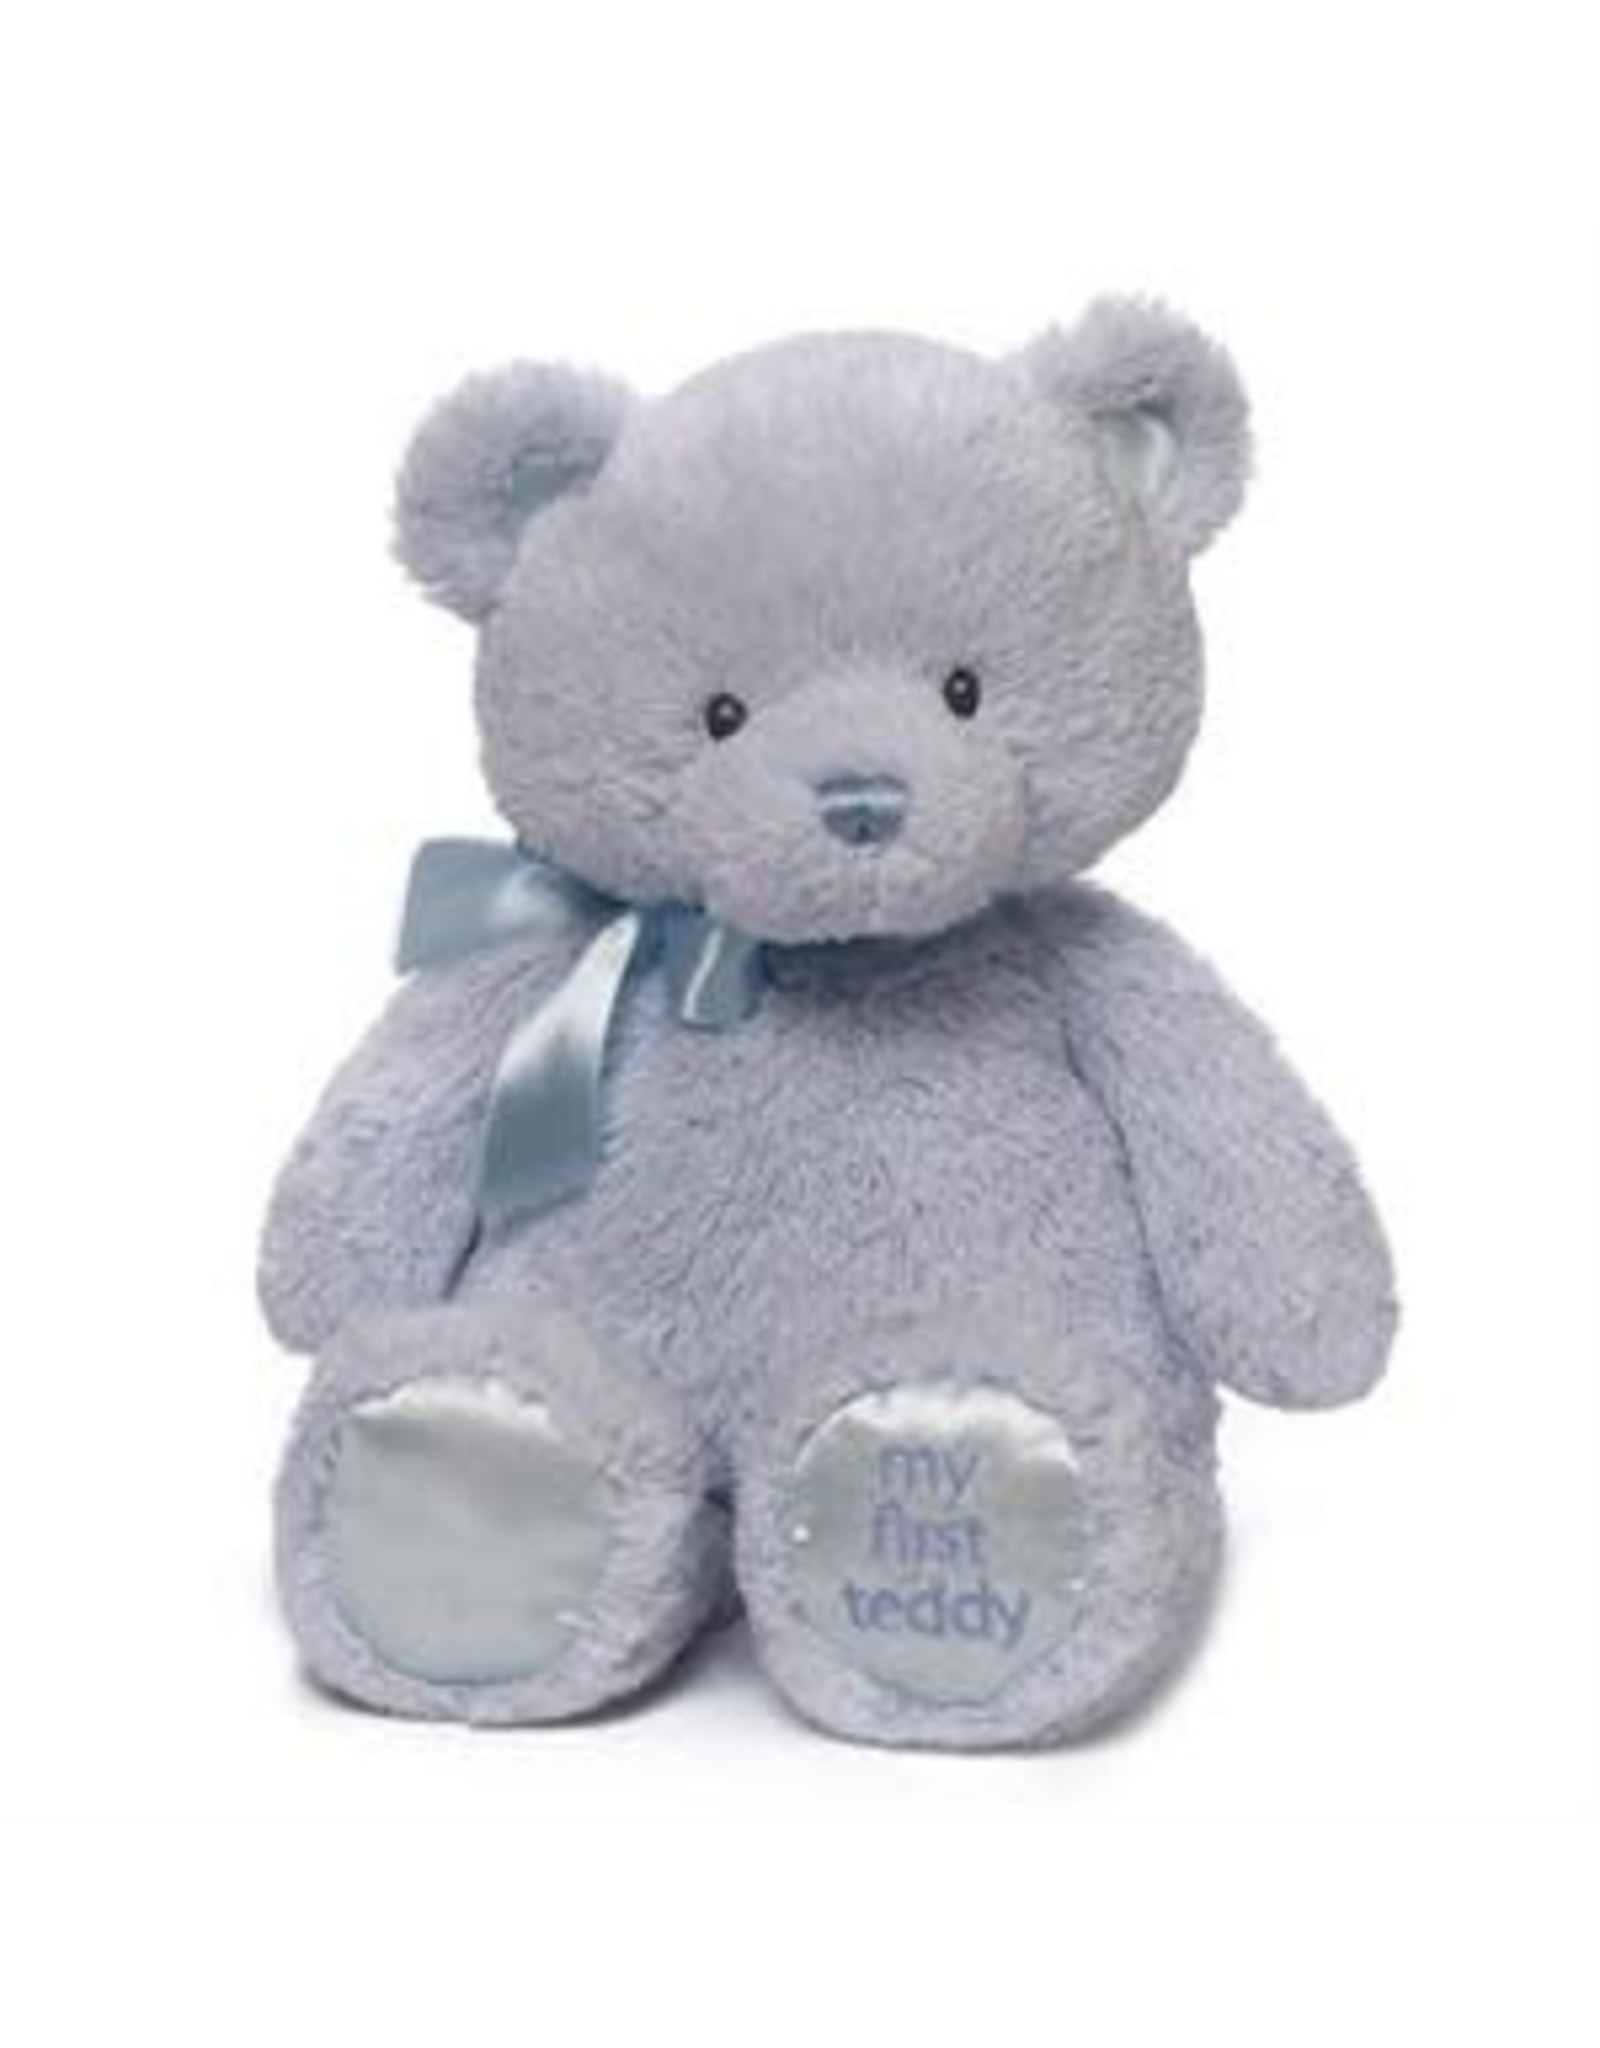 Gund/Spinmaster My 1st Teddy Blue 15